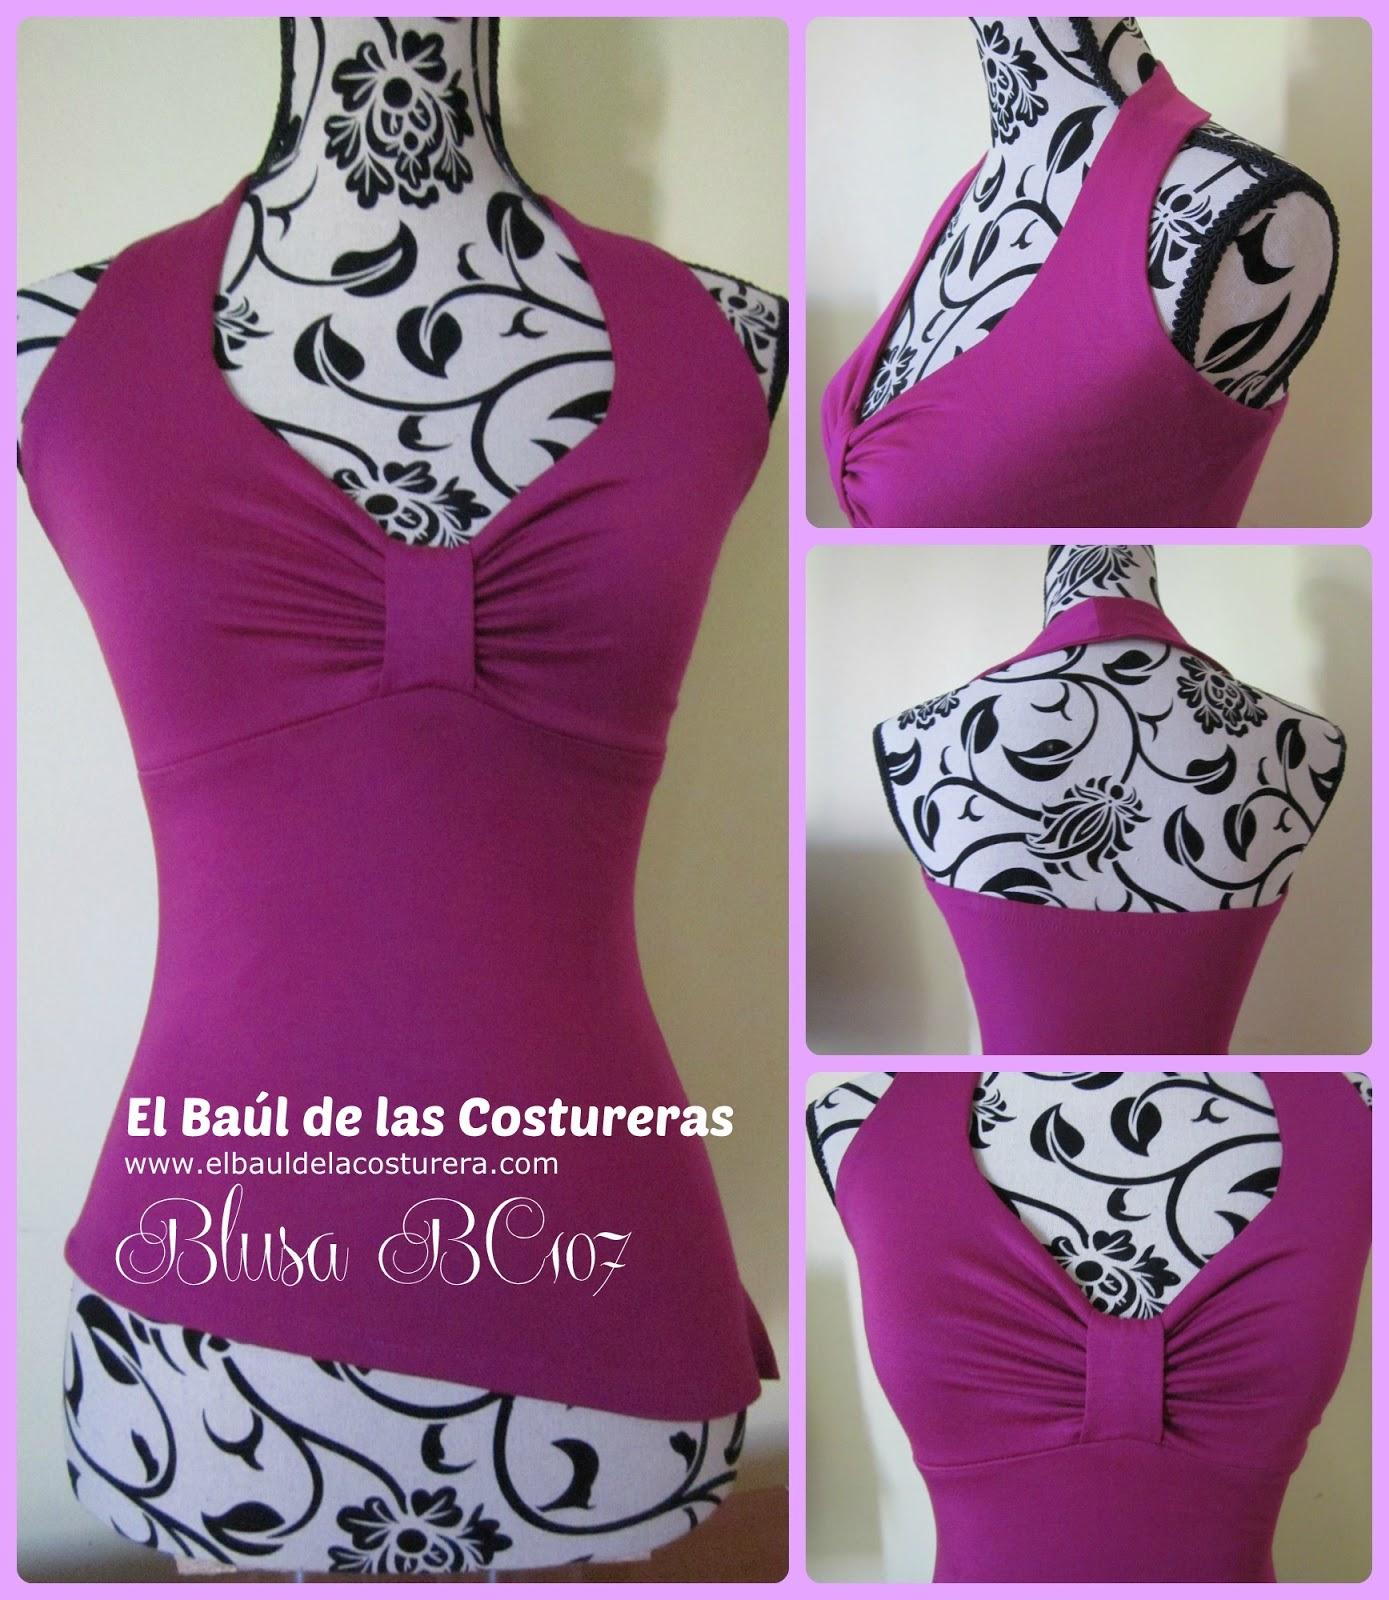 Instrucciones de confección y patrón de costura blusa escote halter